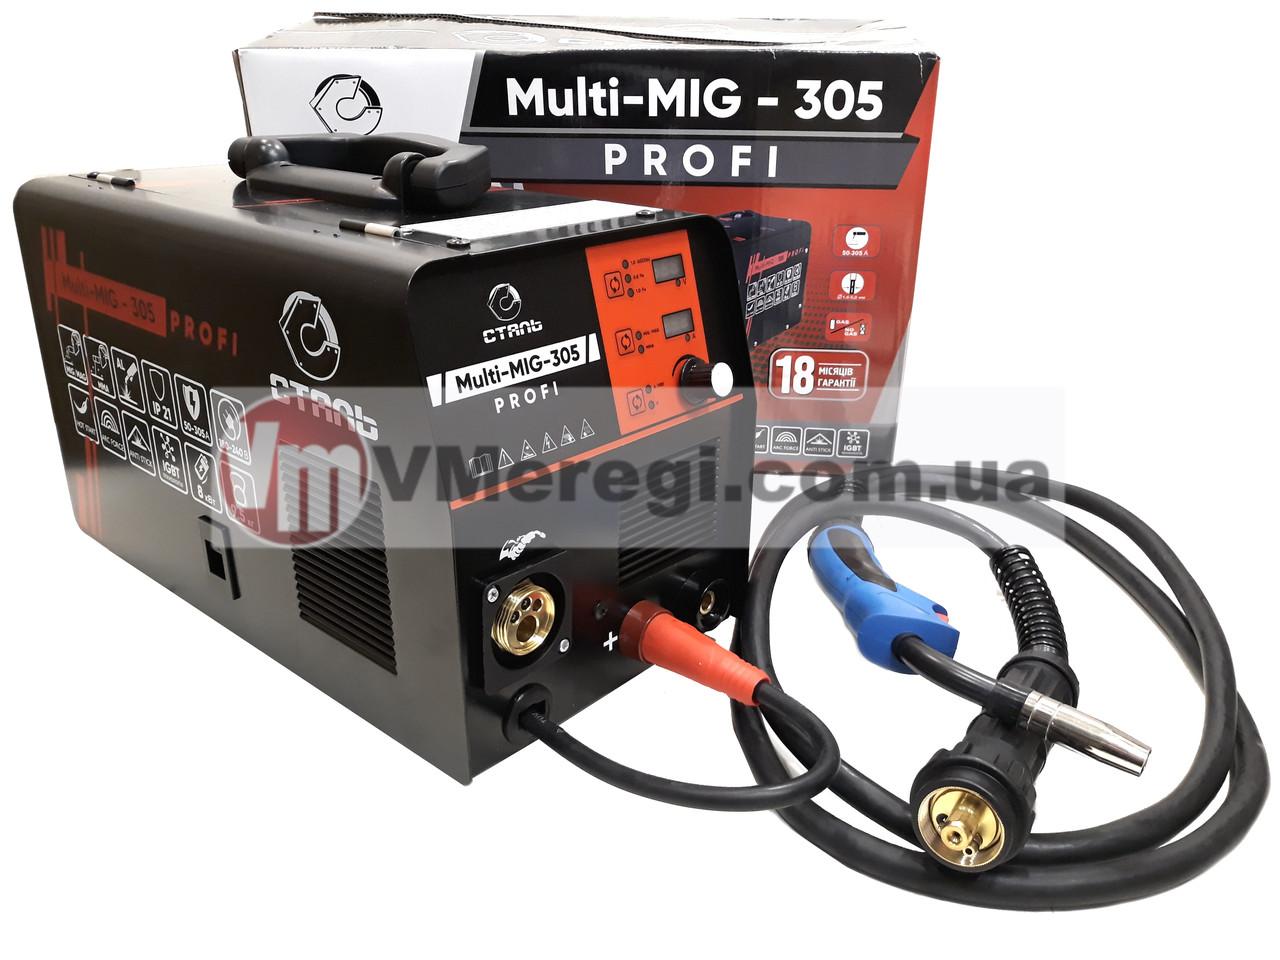 Сталь MULTI-MIG-305 PROFI Сварочный полуавтомат инверторный